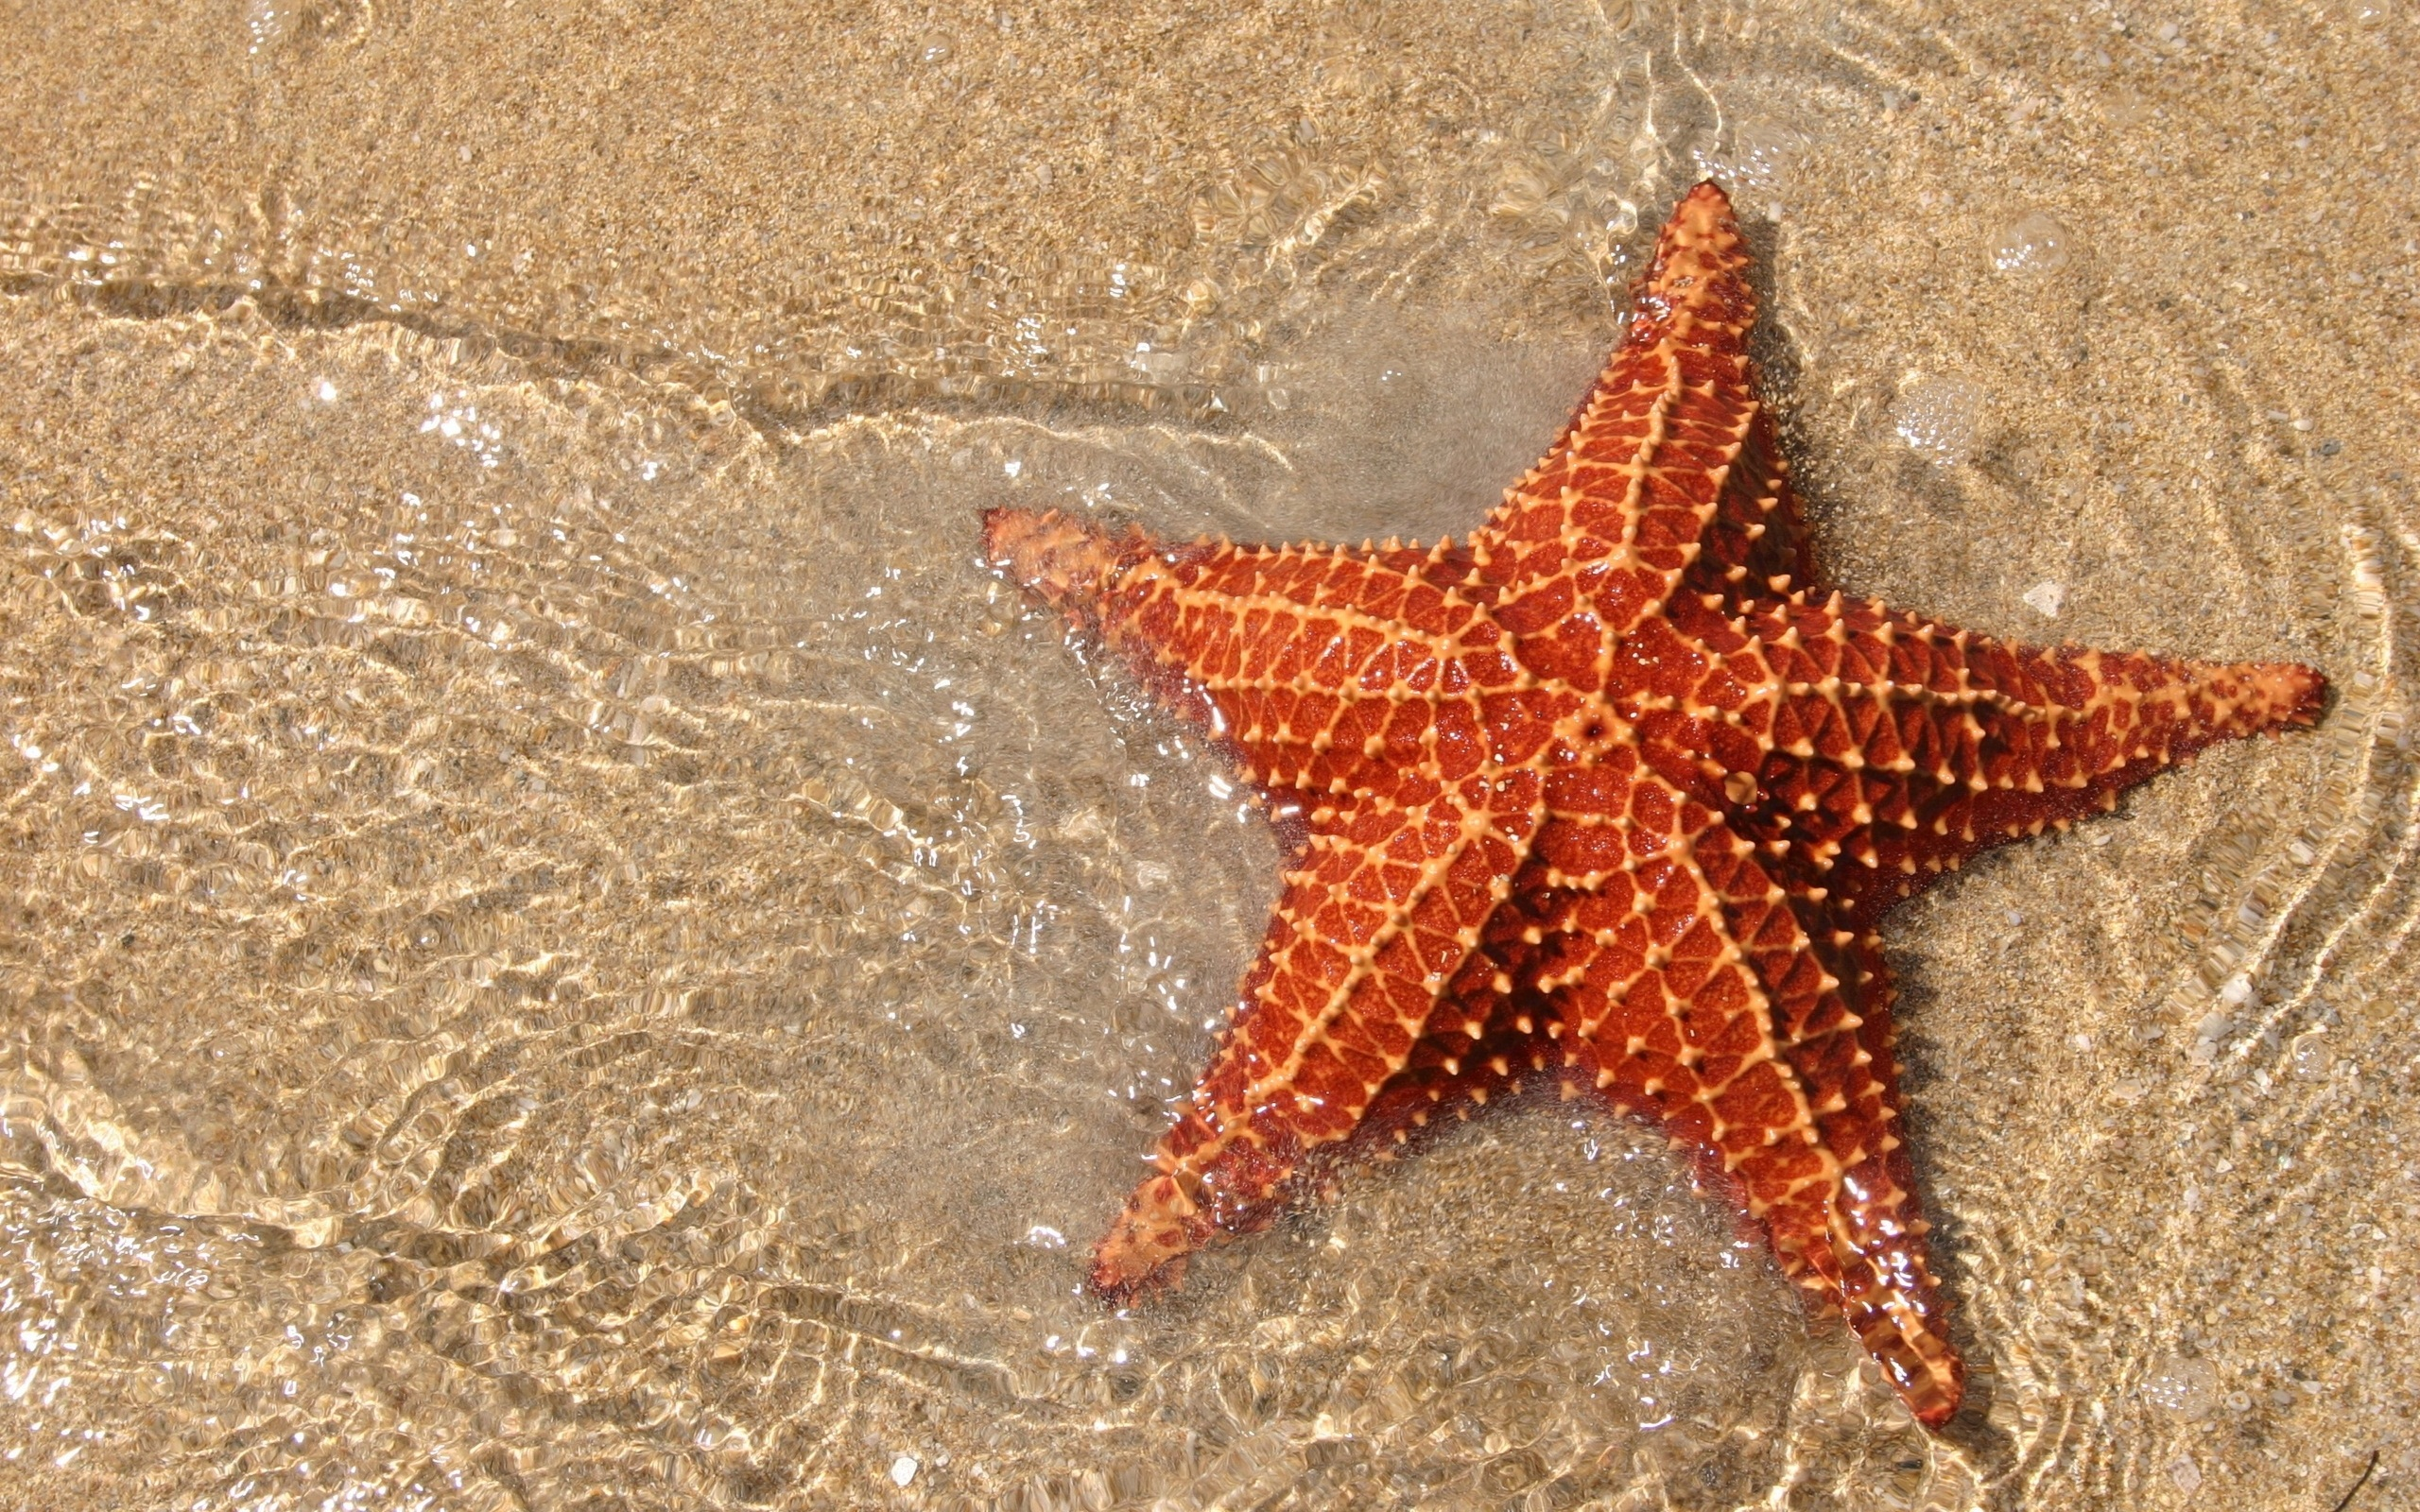 Starfish Pics, Animal Collection